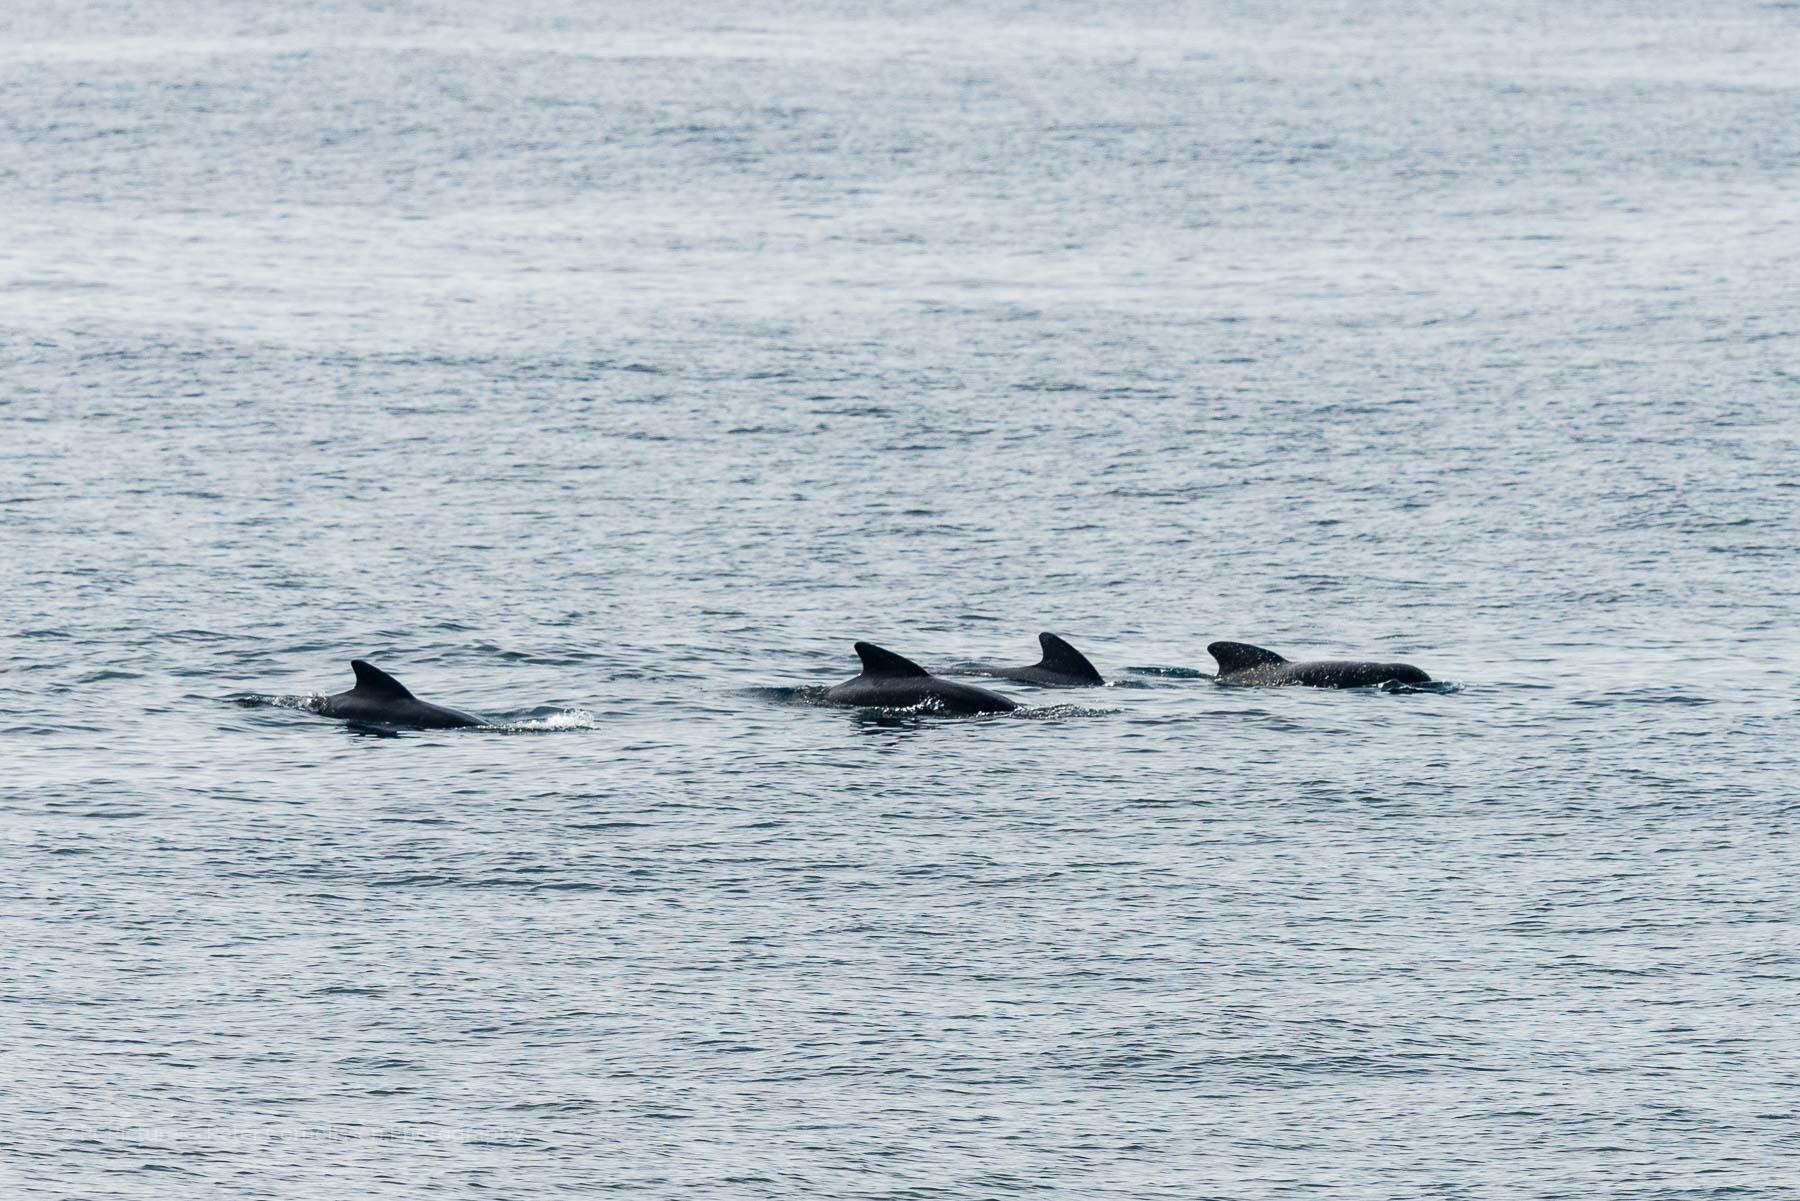 Dolfijnen, Dolphins